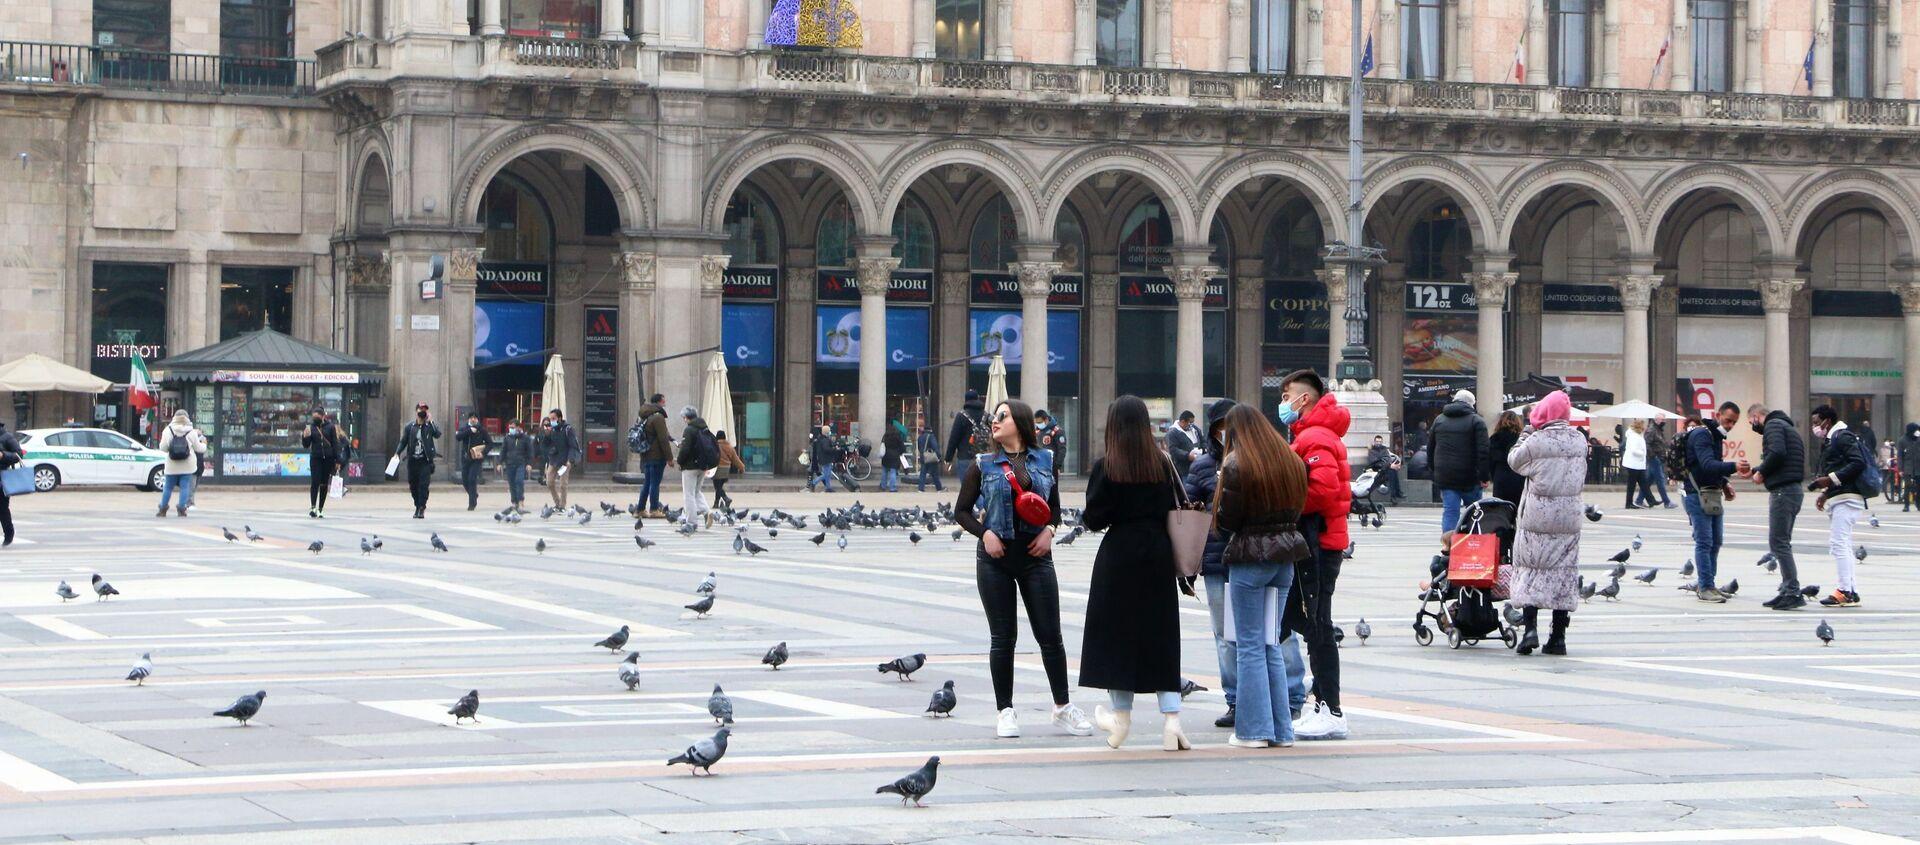 Le persone in Piazza del Duomo a Milano, Italia - Sputnik Italia, 1920, 02.03.2021